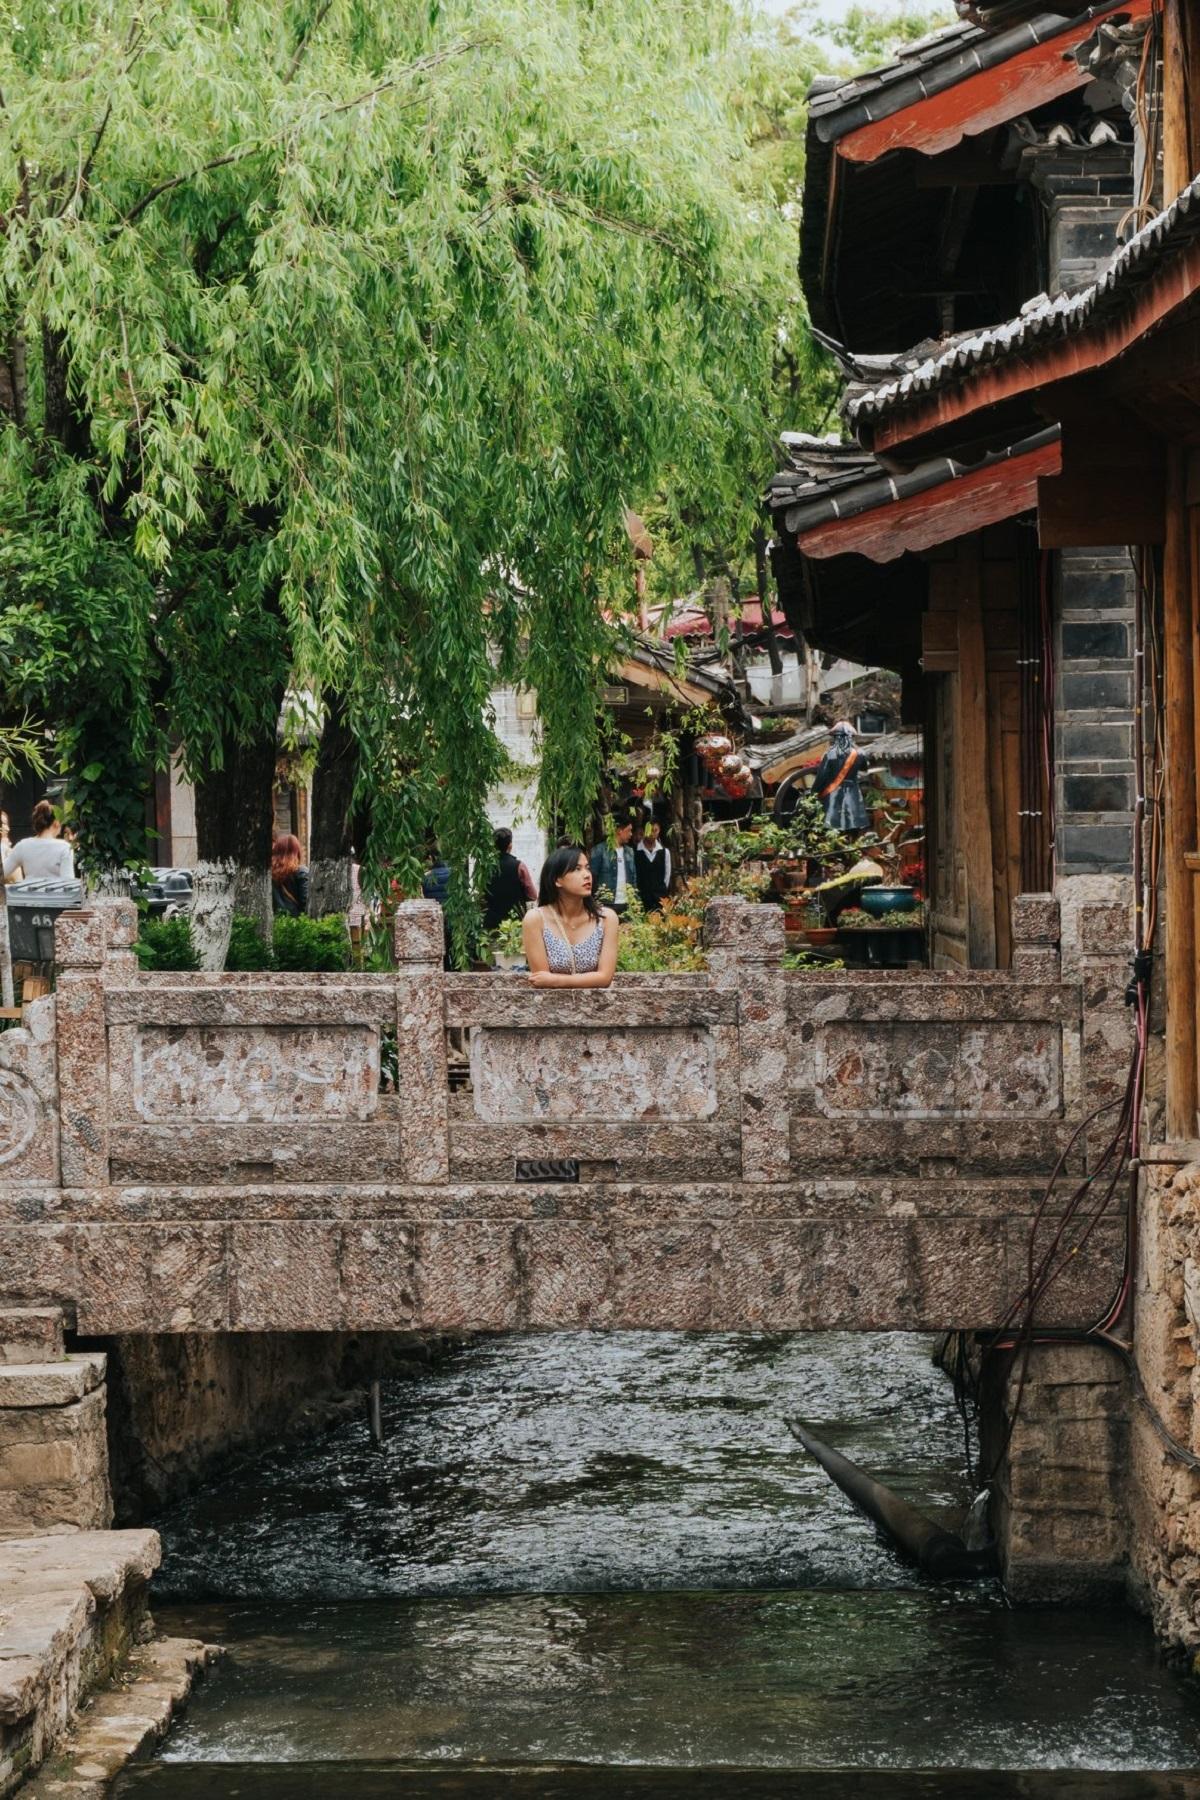 """Đô thị cổ Lệ Giang có lịch sử hơn 800 năm, được xây vào cuối đời Tống, đầu đời Nguyên. Trước cửa các ngôi nhà đều trồng dương liễu và có suối nước chảy qua. Trung tâm là phố Bốn Phương, nơi đây nổi tiếng về hệ thống đường thủy và cầu cống, nên còn được gọi là """"Venice của phương Đông"""". Lệ Giang có 354 chiếc cầu (bình quân cứ 1 km² có 93 cầu) bắc trên hệ thống sông Ngọc Hà trong nội thành. Những cây cầu được nhắc đến nhiều: Đại Thạch, Nam Môn, Mã Yên, Nhân Thọ, được xây vào đời Minh và Thanh.  Phố cổ từng chịu thiệt hại nặng nề bởi trận động đất vào tháng 2/1996. Tháng 12/1997, nơi đây được công nhận là Di sản văn hóa thế giới."""